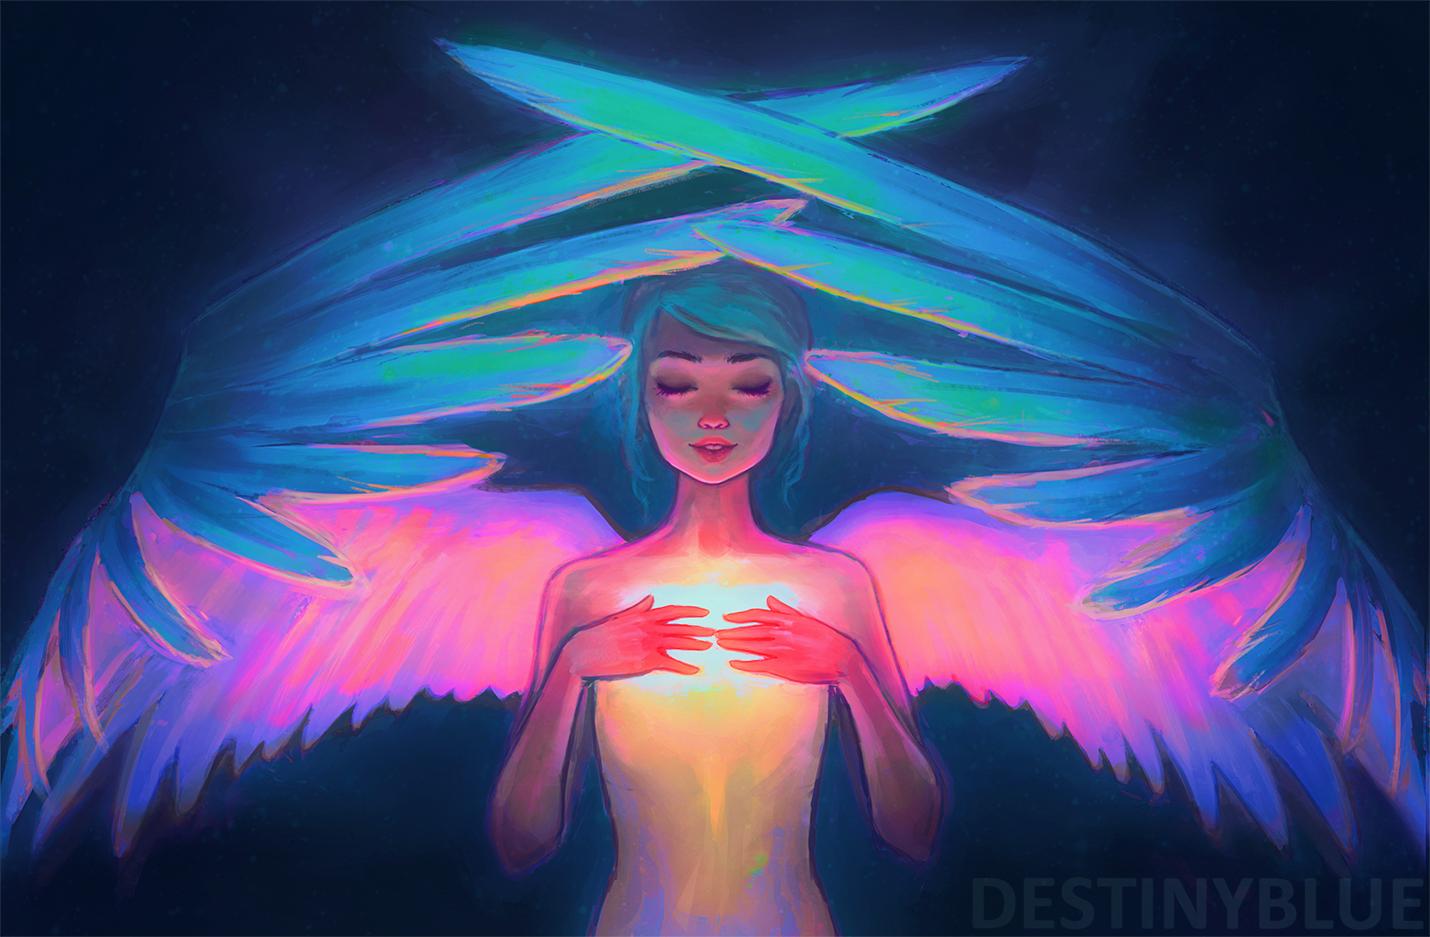 Resultado de imagen de destiny blue